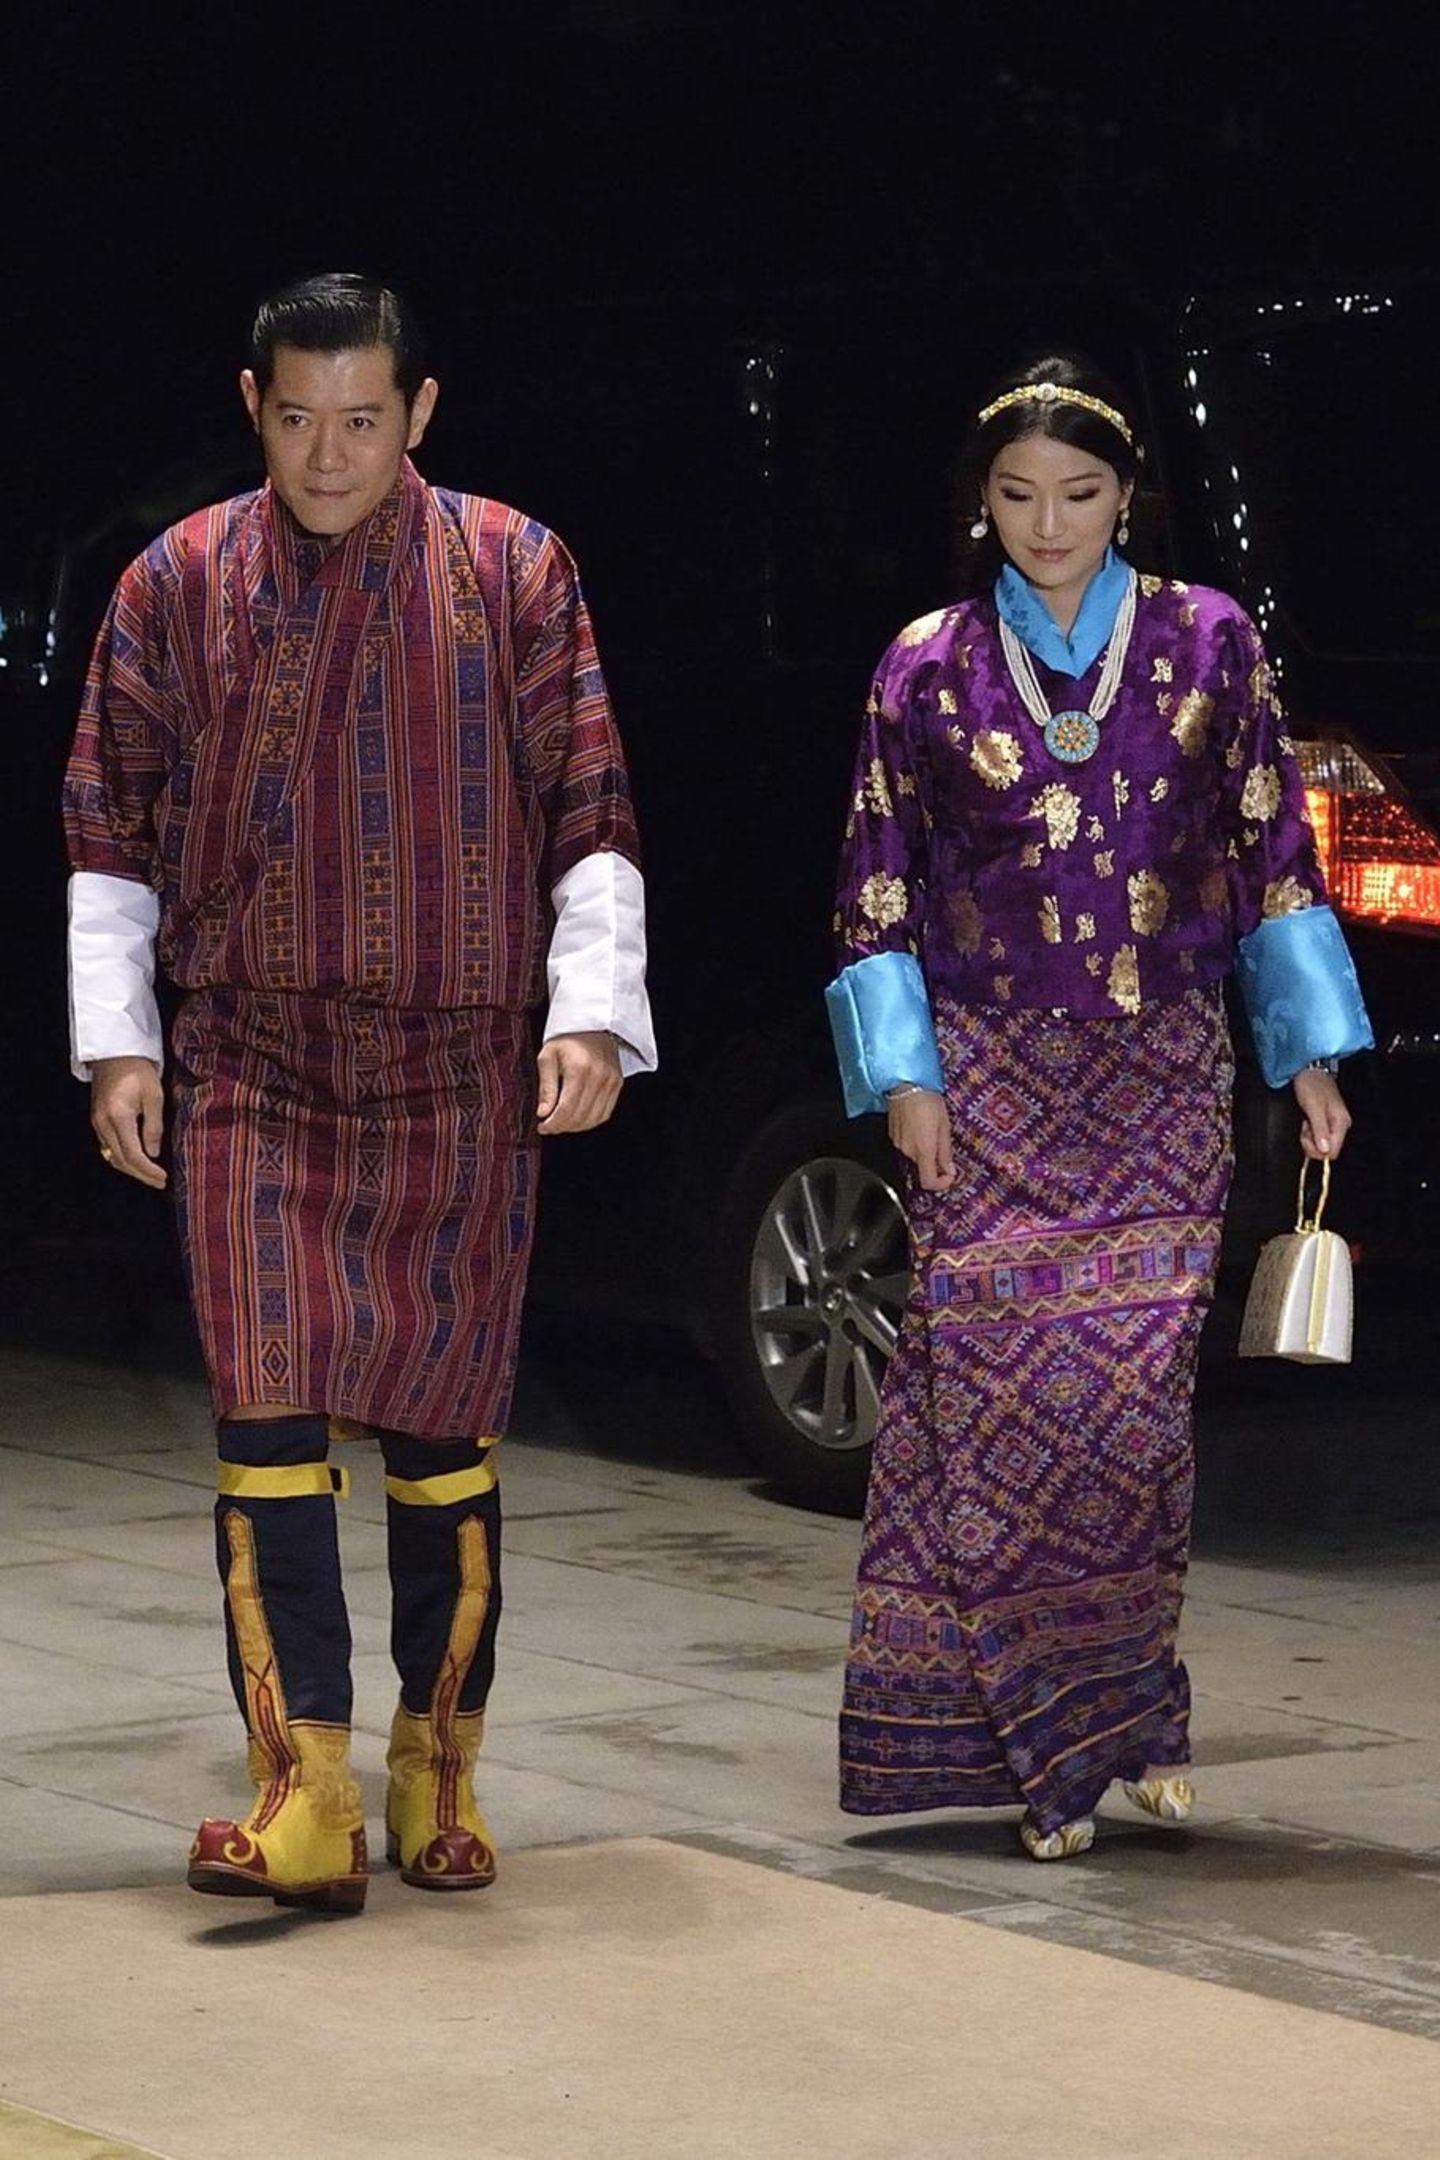 Das Königspaar aus Bhutan, König Jigme und Königin Jetsun machen sich gerade auf dem Weg zum großen Staatsbankett in Japan. Auch ihre Kleiderwahl ist dementsprechend festlich und traditionell.